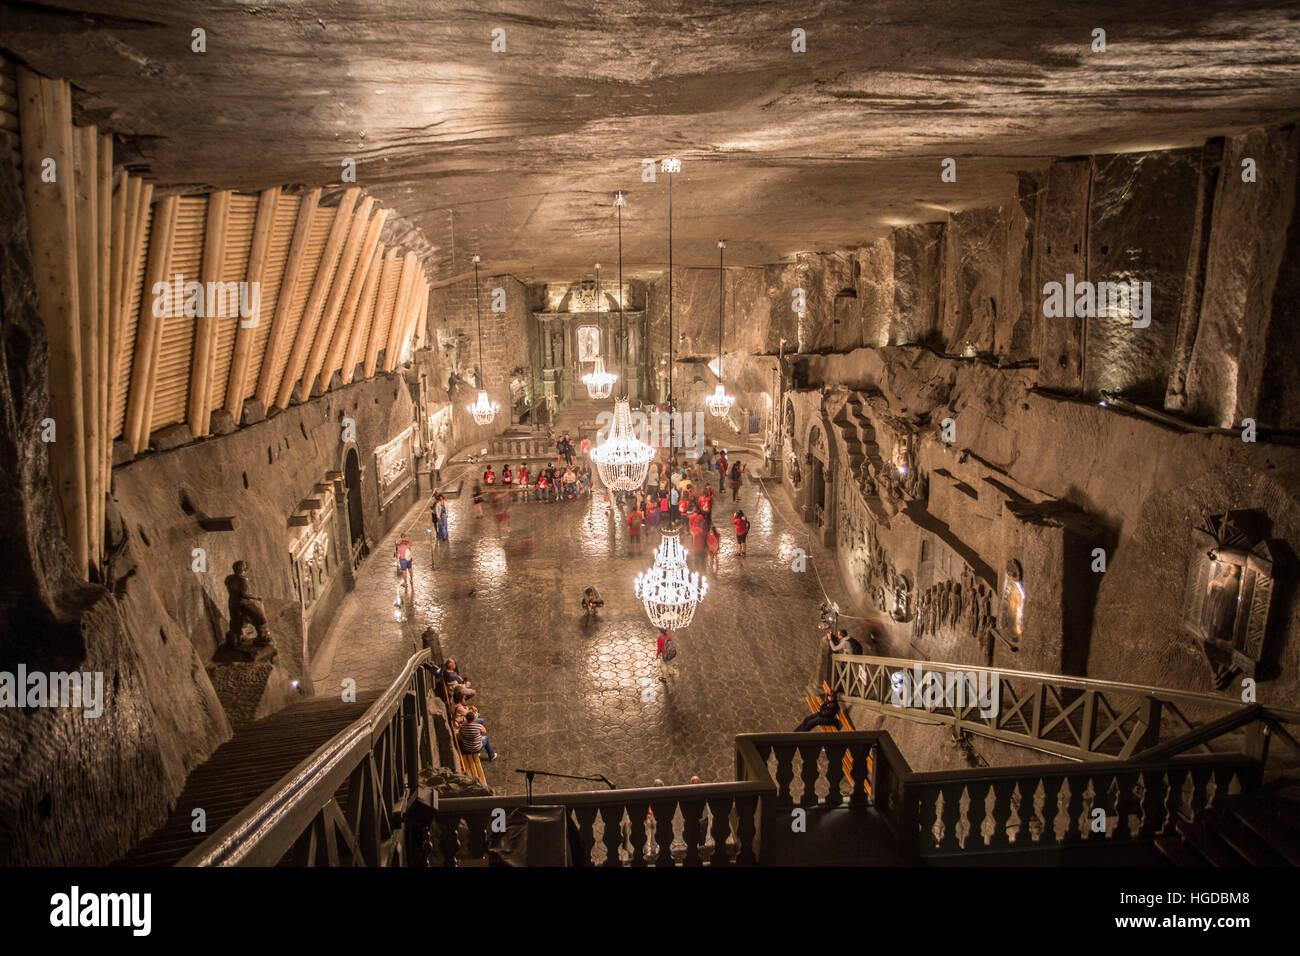 Salt Mines in Wielizka, Poland - Stock Image